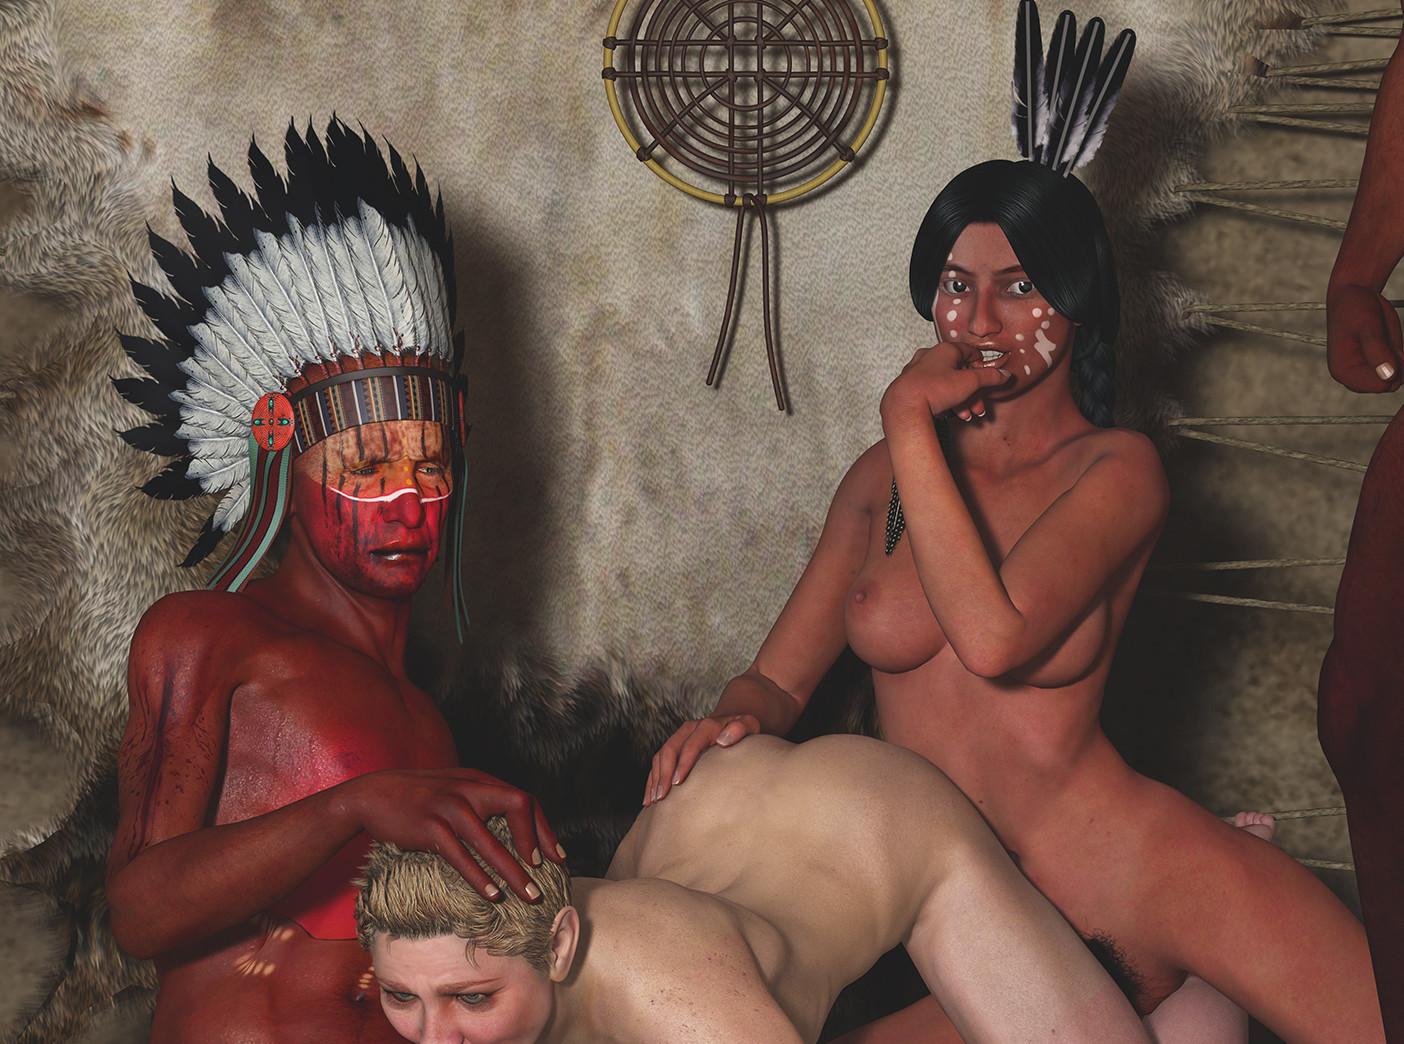 Порно ролики с древними племенами, мокрые страстные киски